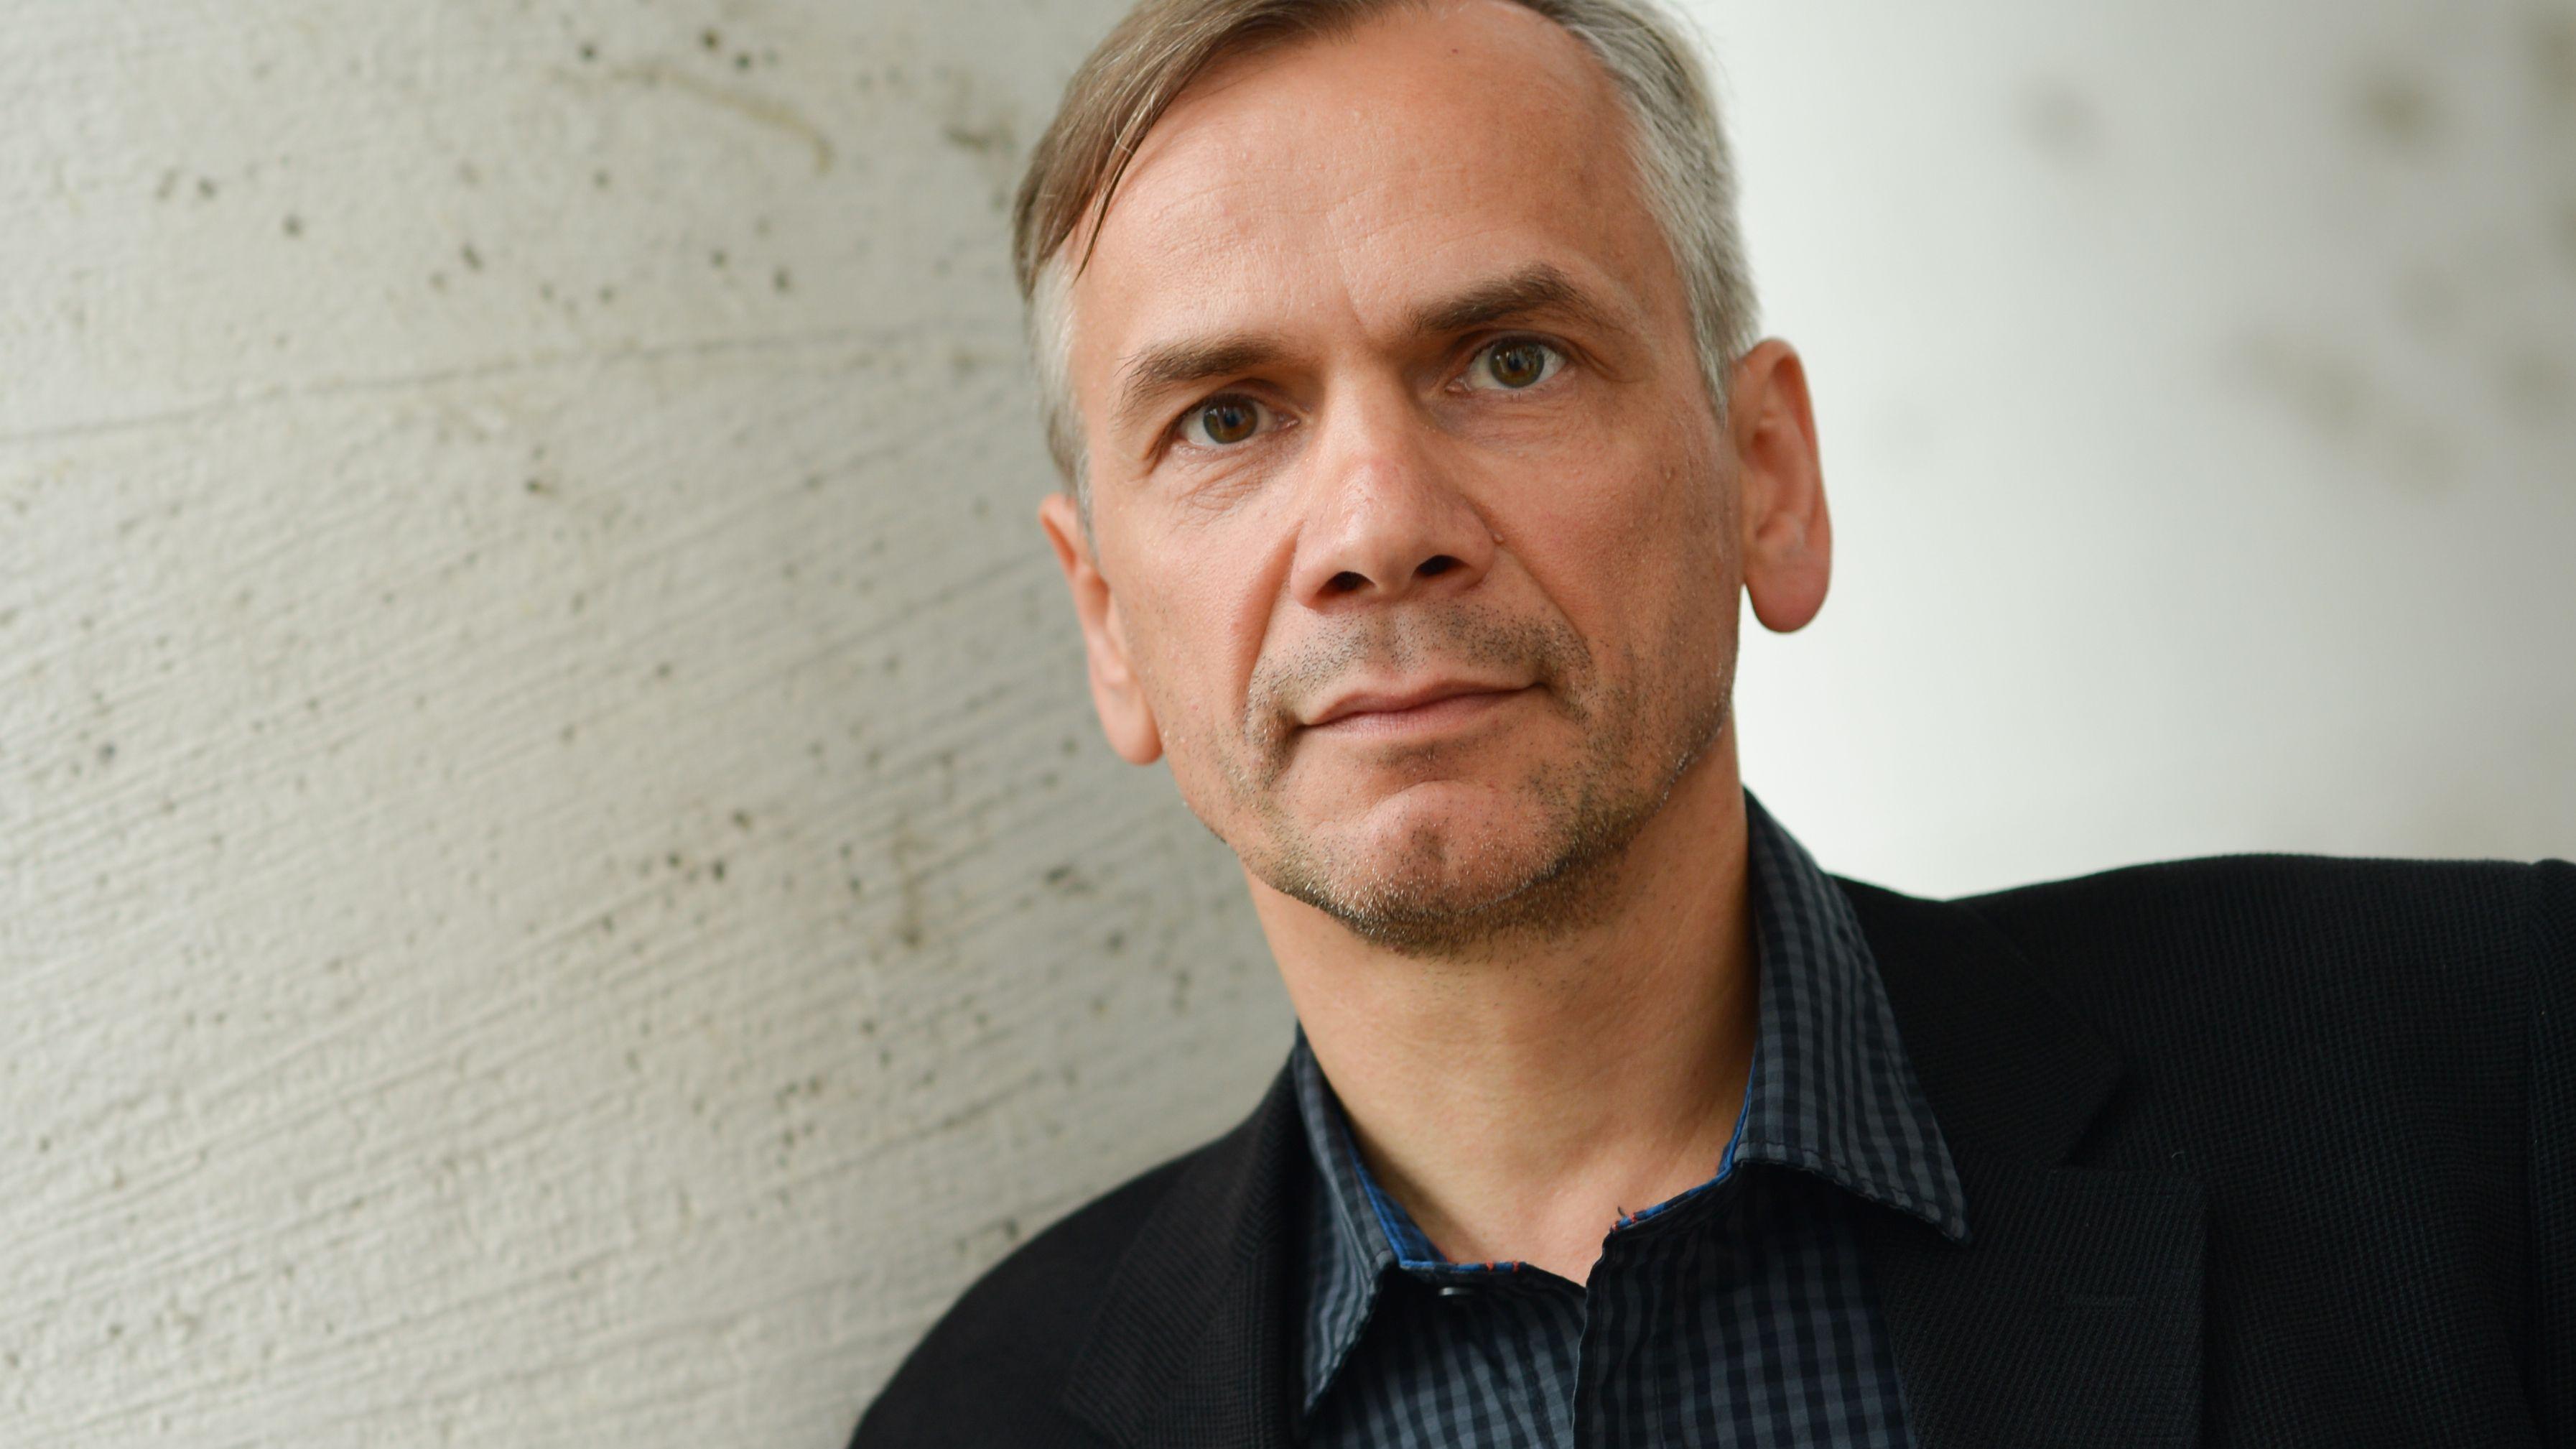 Autor Lutz Seiler blickt, neben einer verputzten Wand stehend, in die Kamera